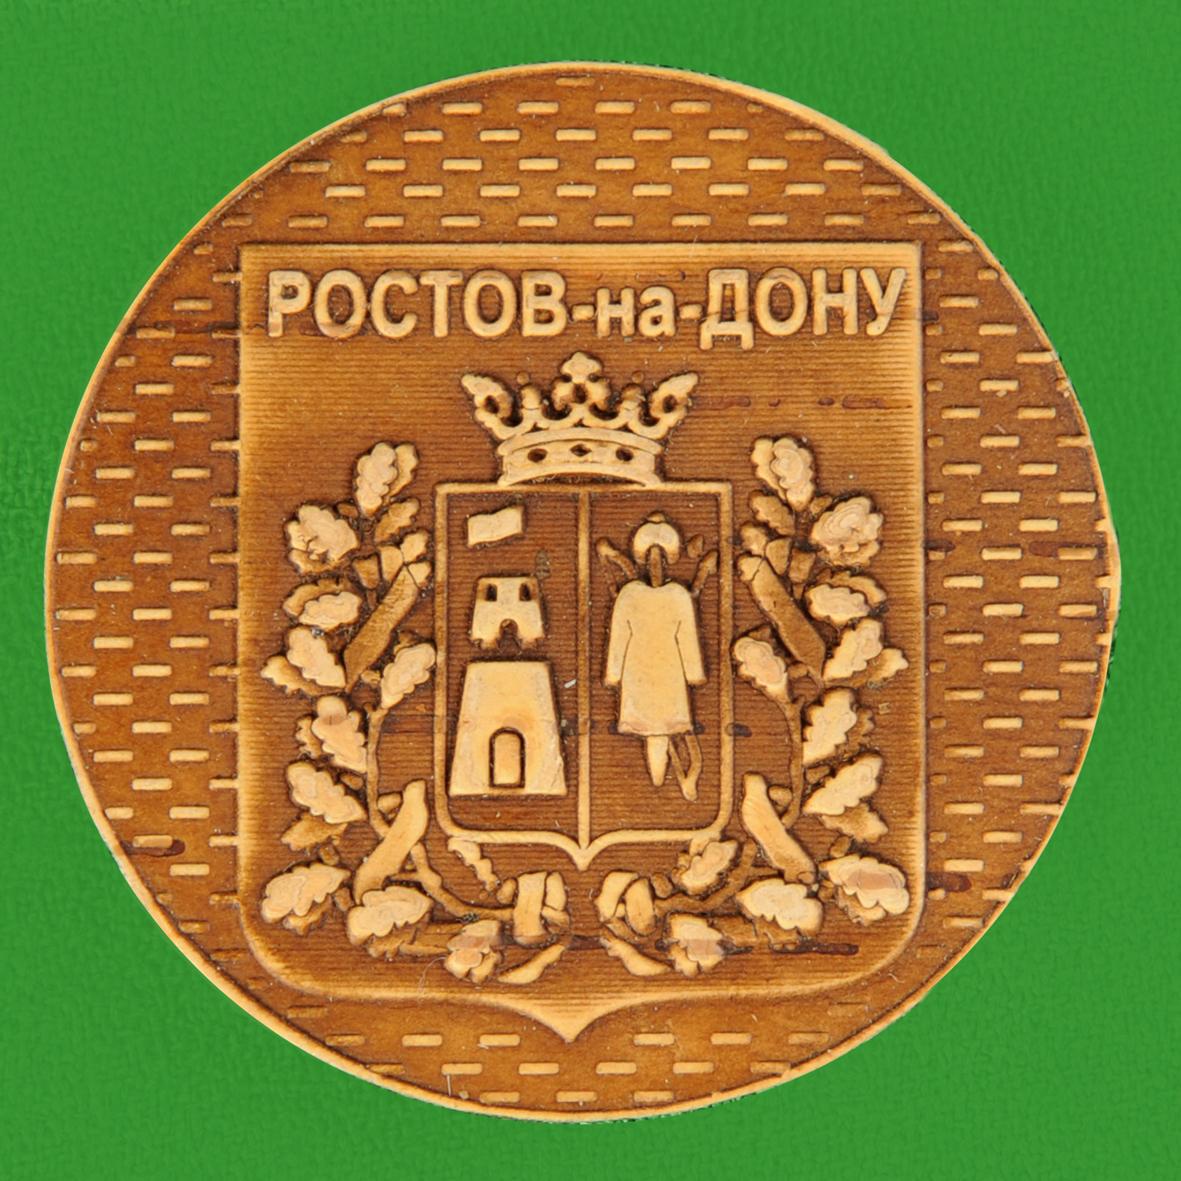 Магнит Ростов-на-Дону герб